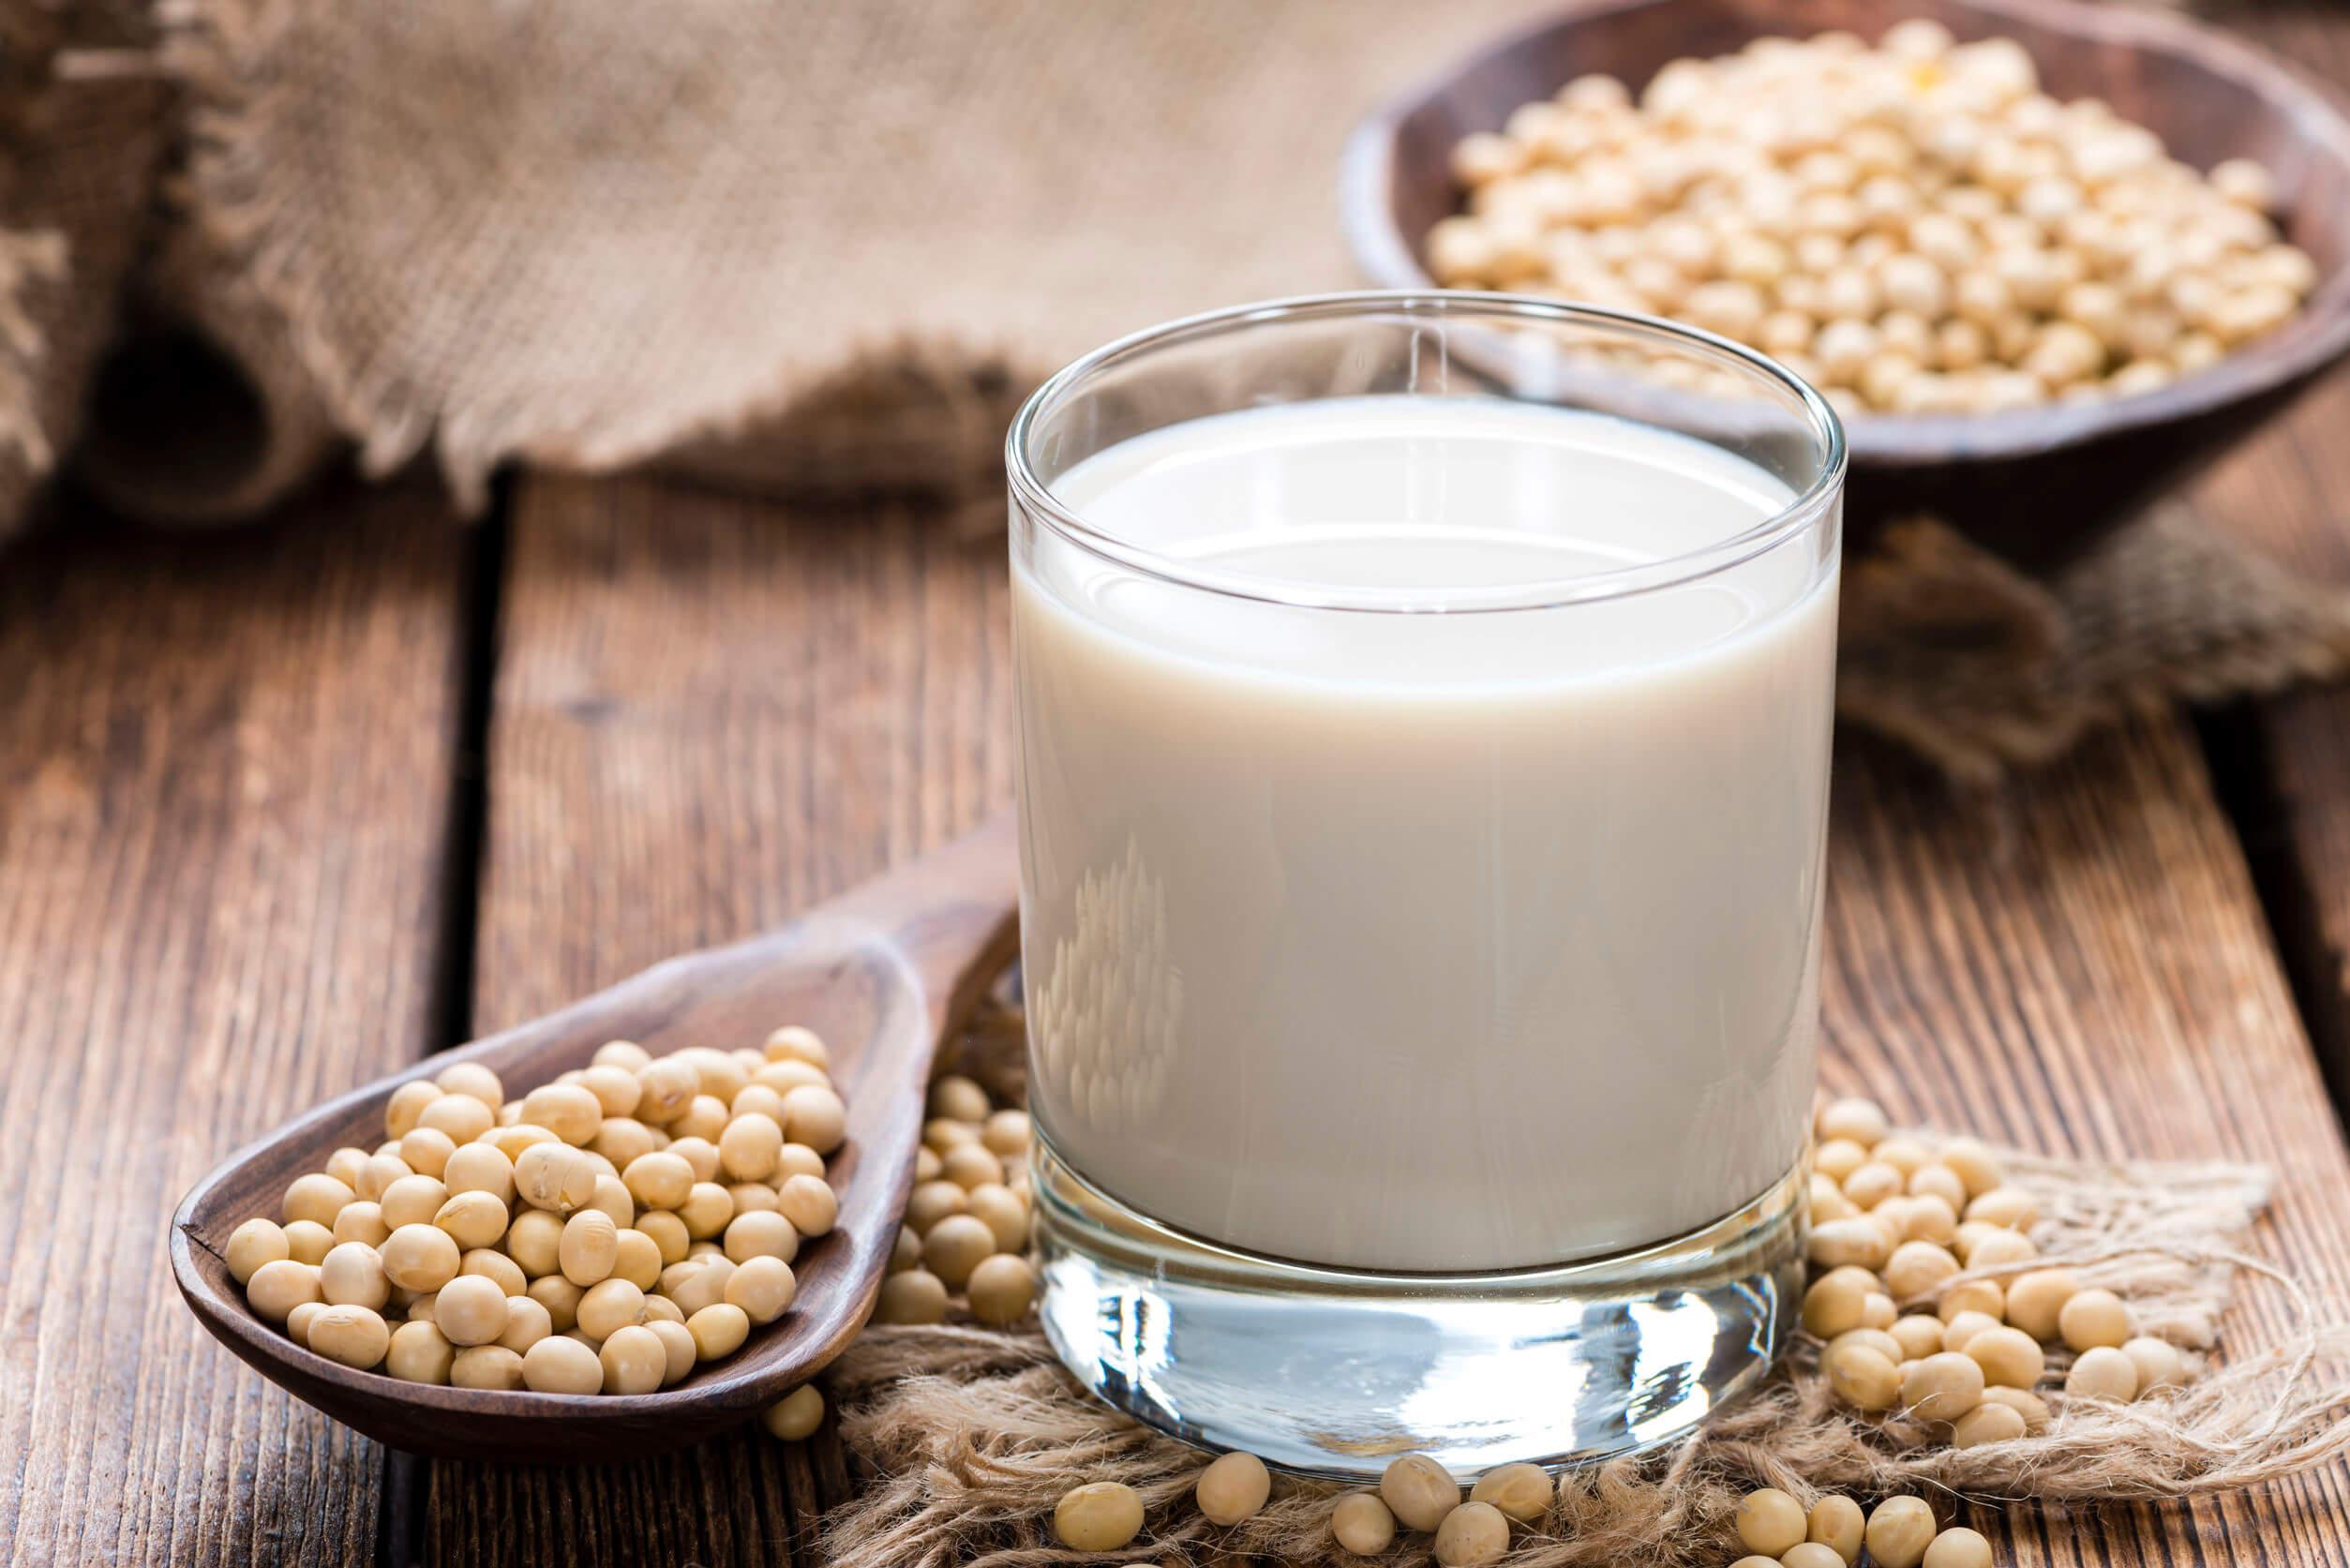 Vaso de leche de soja.